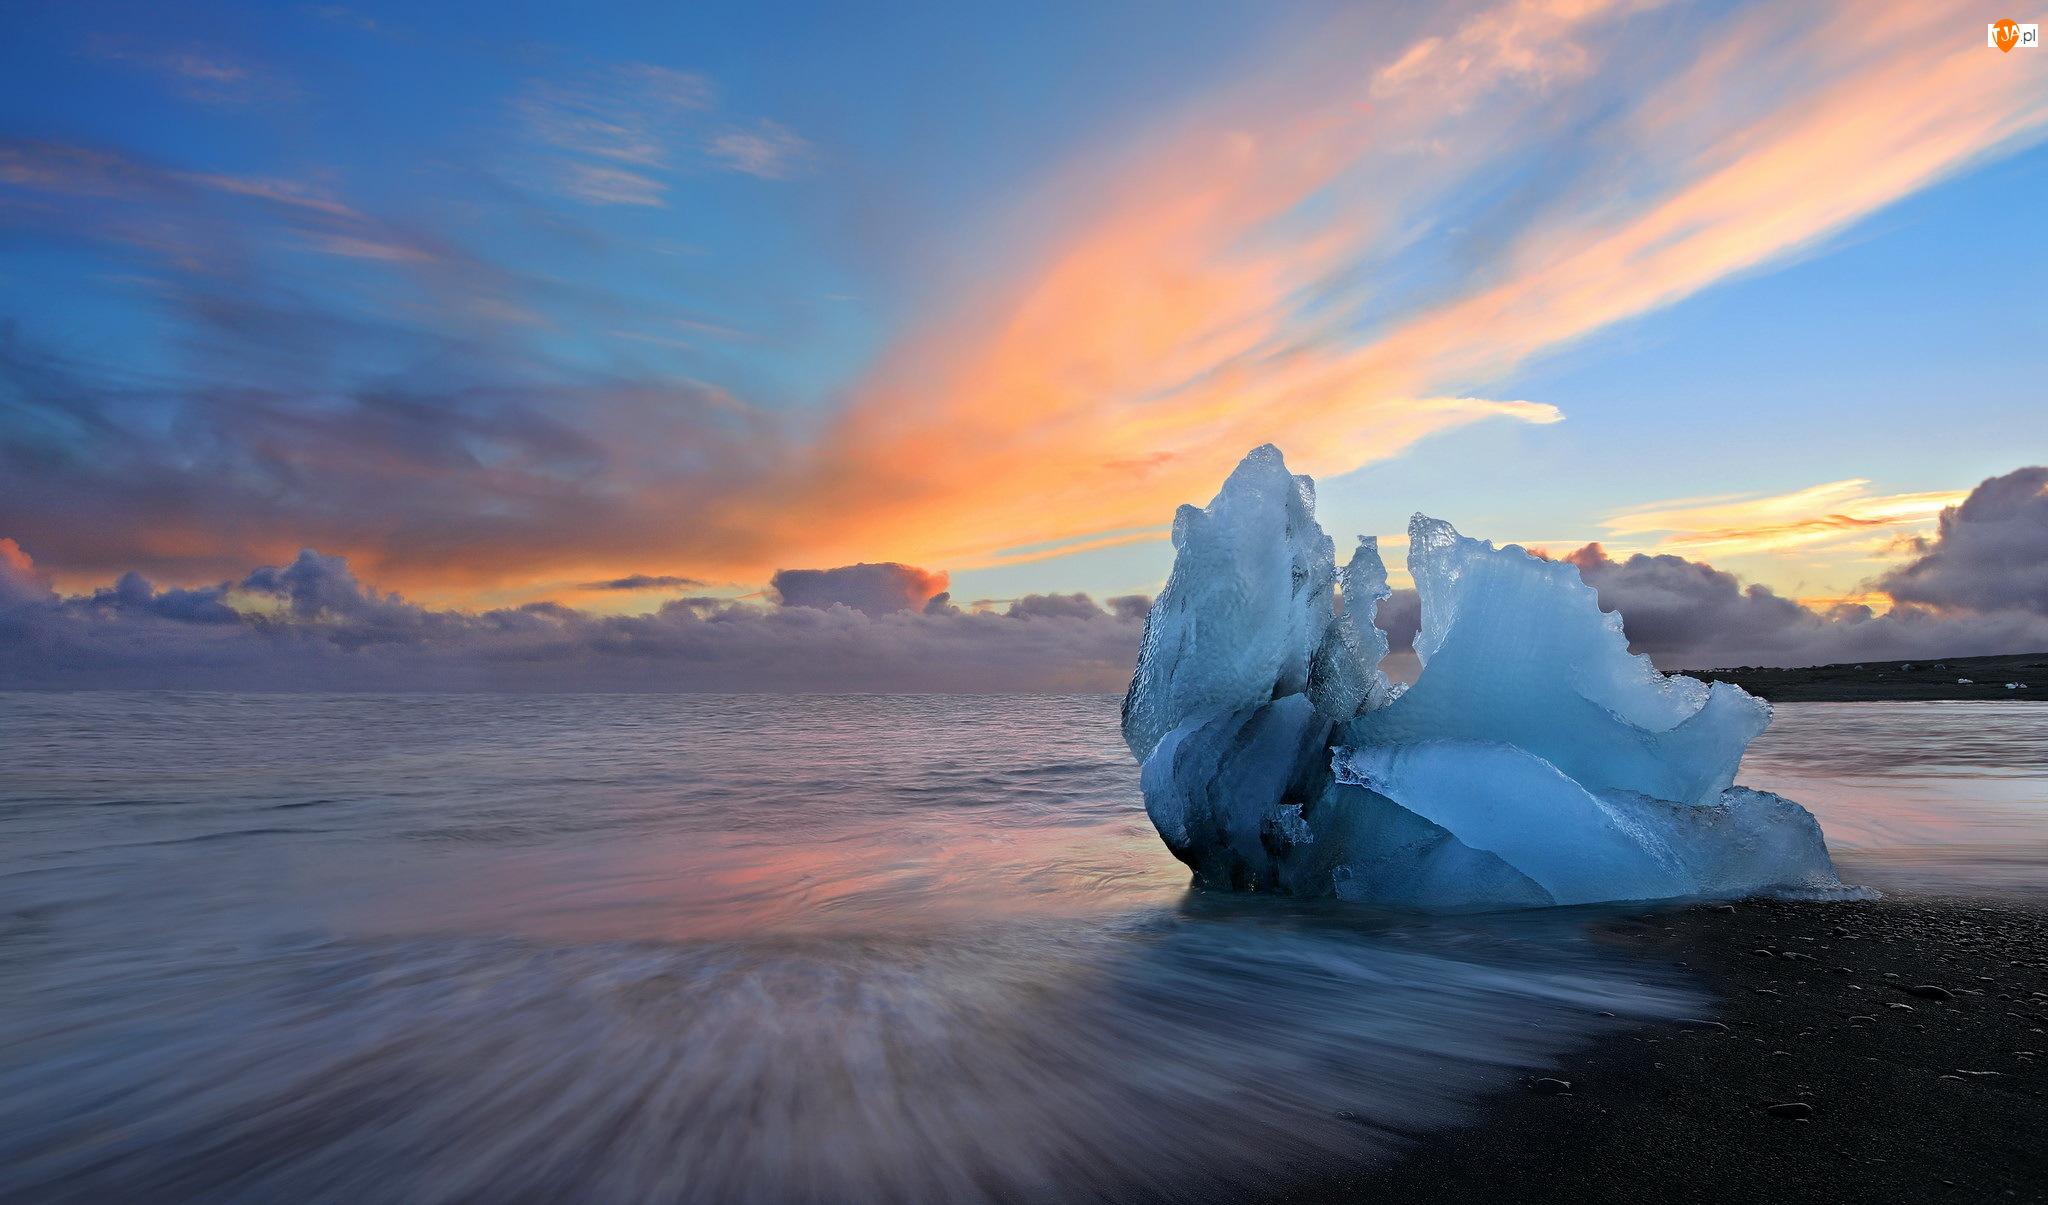 Zachód słońca, Islandia, Bryła, Jezioro Jökulsárlón, Lód